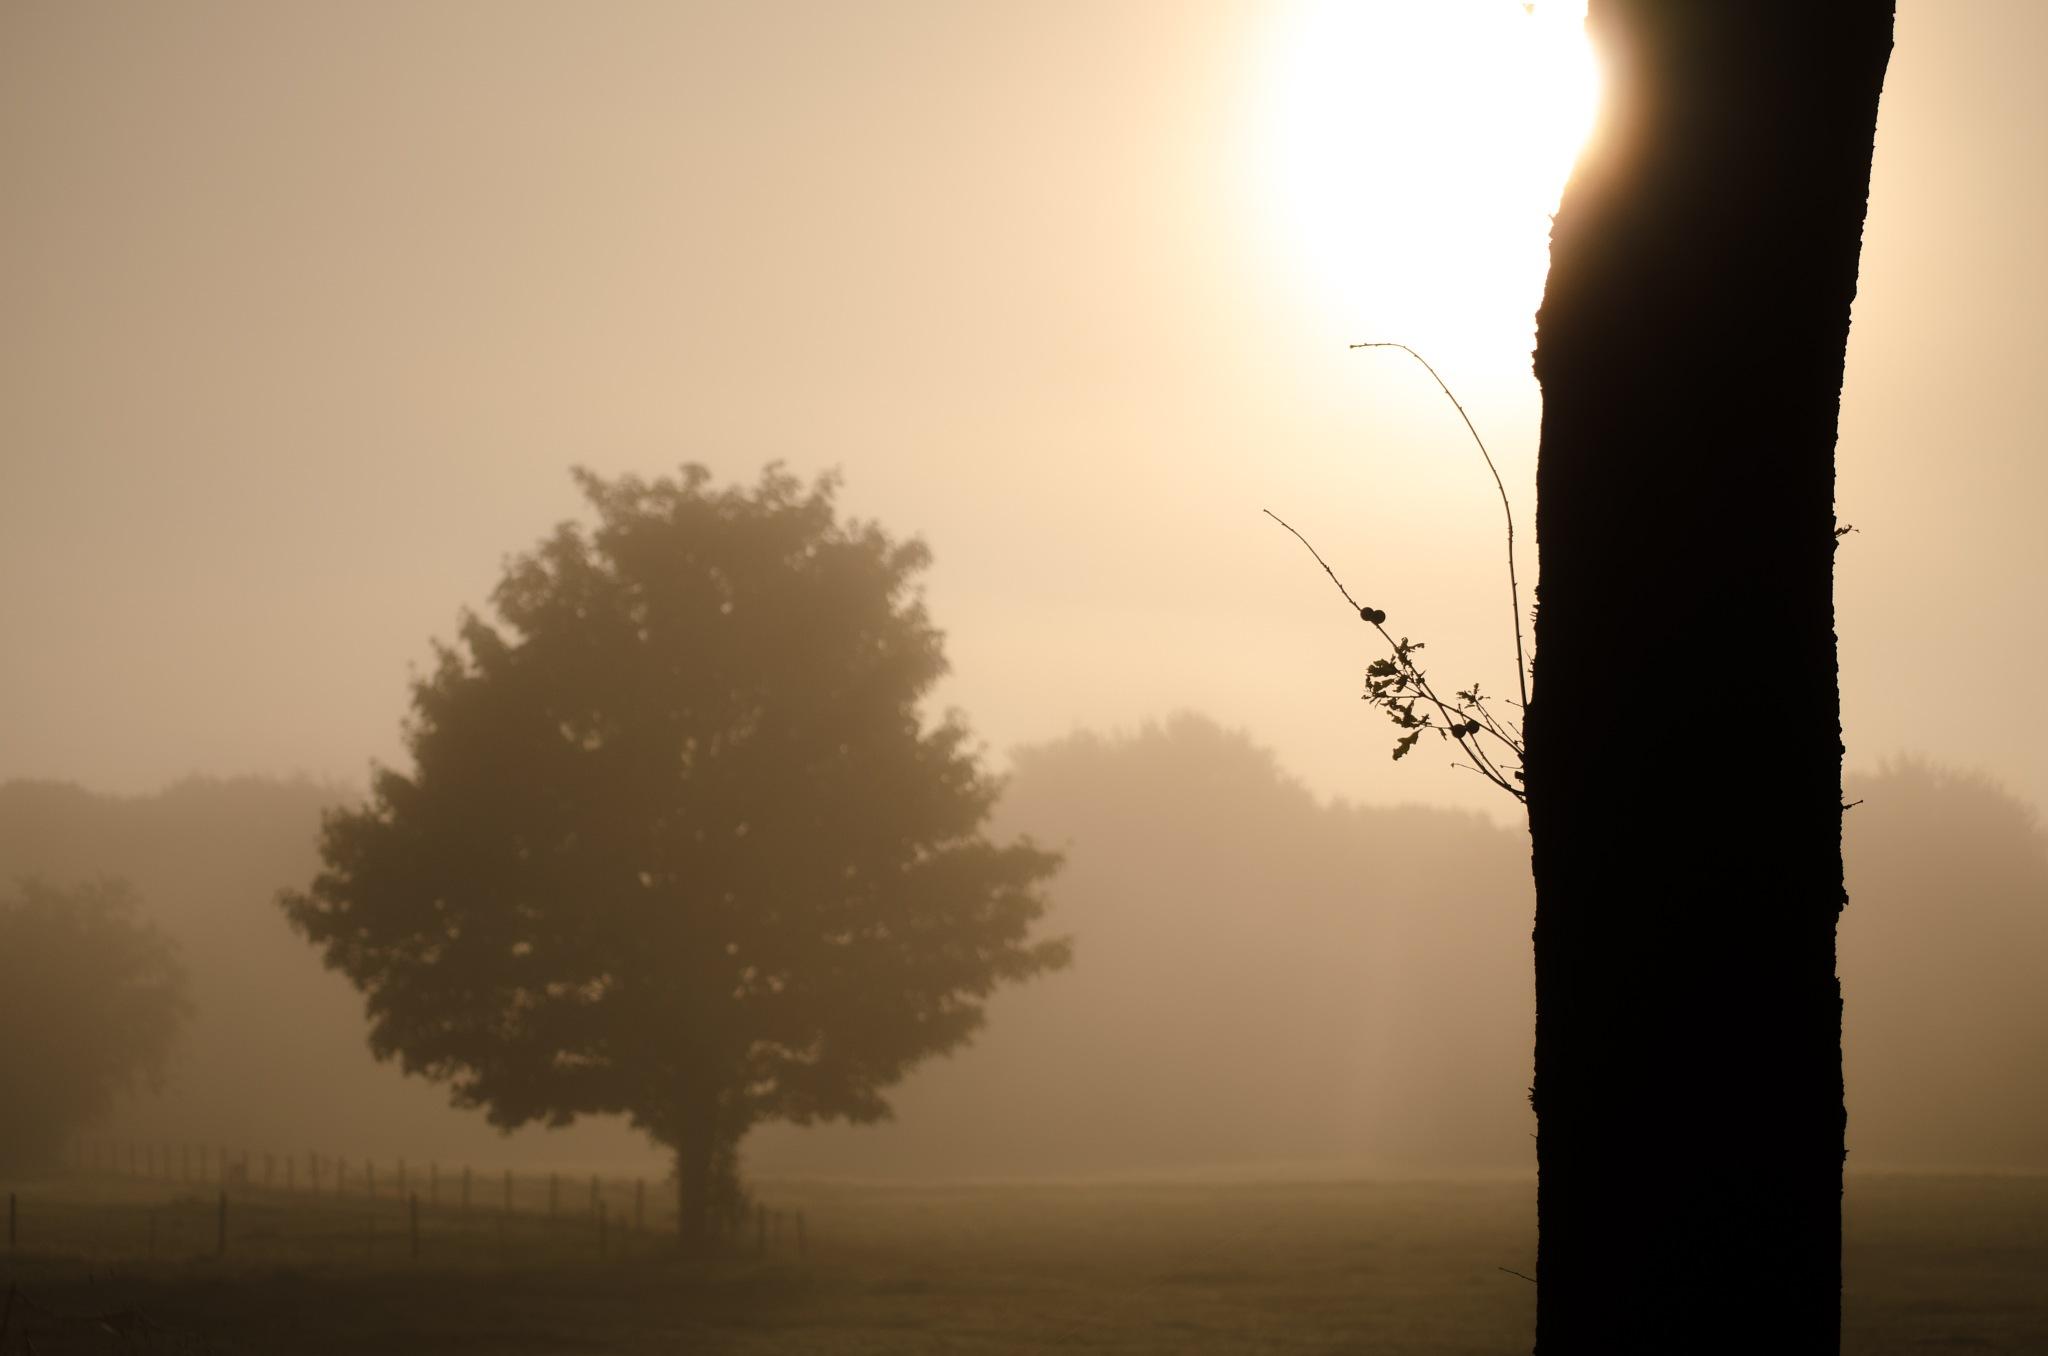 Sunrise over Sleen by Gerard de Haan